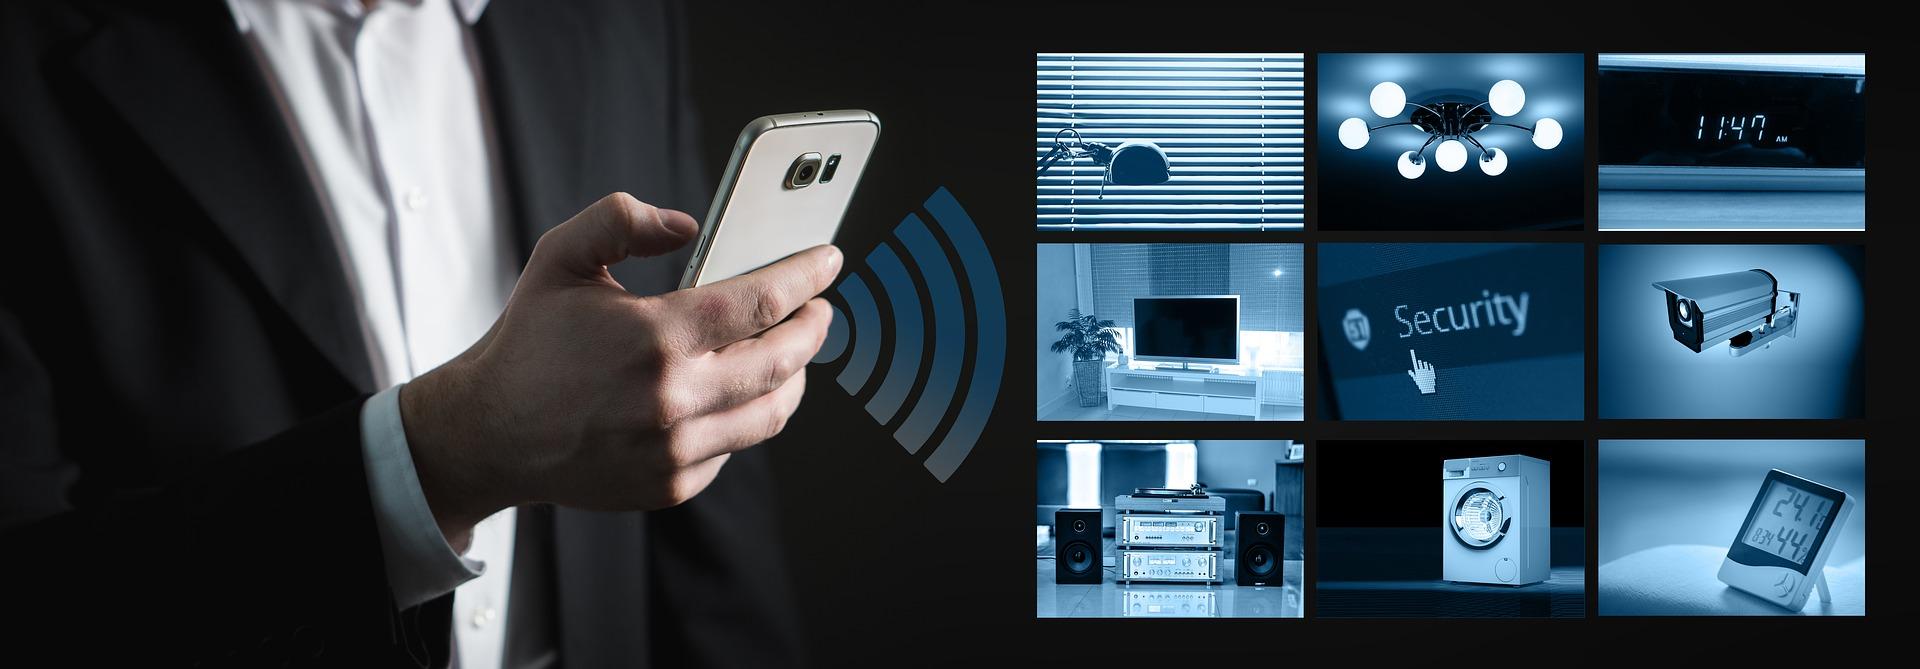 Bedre trådløst netværk med mesh WiFi